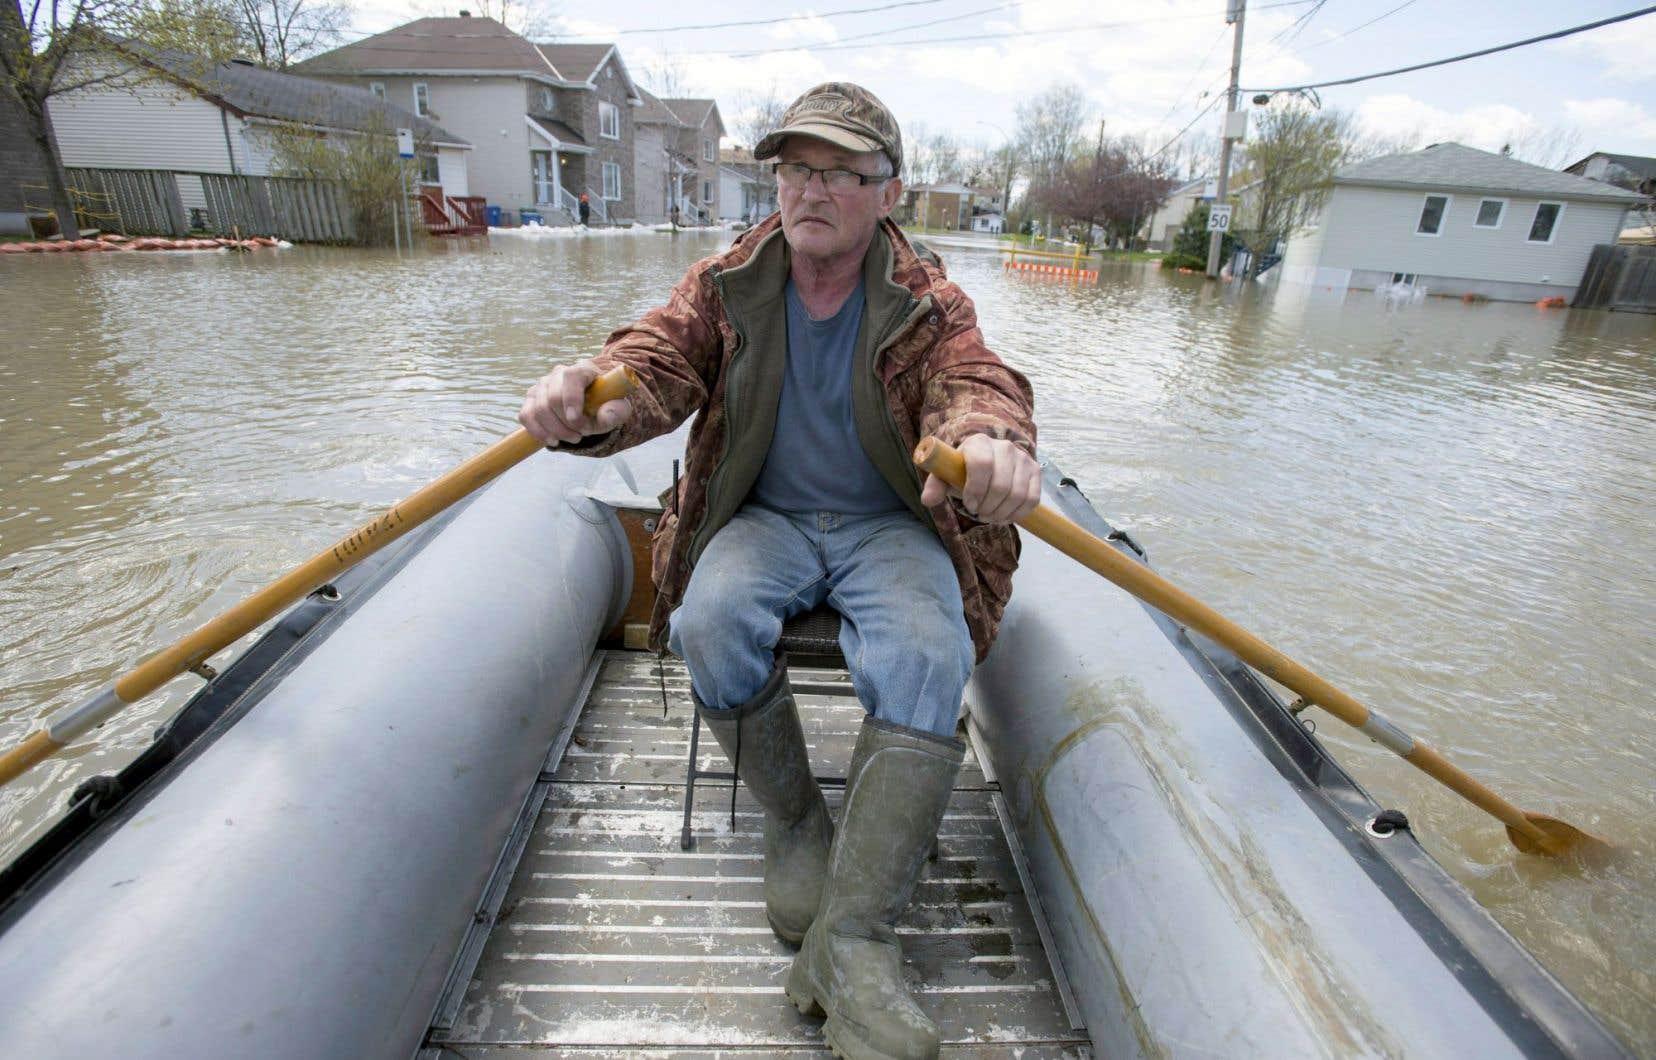 C'est à bord de son bateau qu'André Fortin s'est promené sur sa rue mercredi. Ce résident de Gatineau avait déjà été victime de l'inondation de son quartier en 1974.